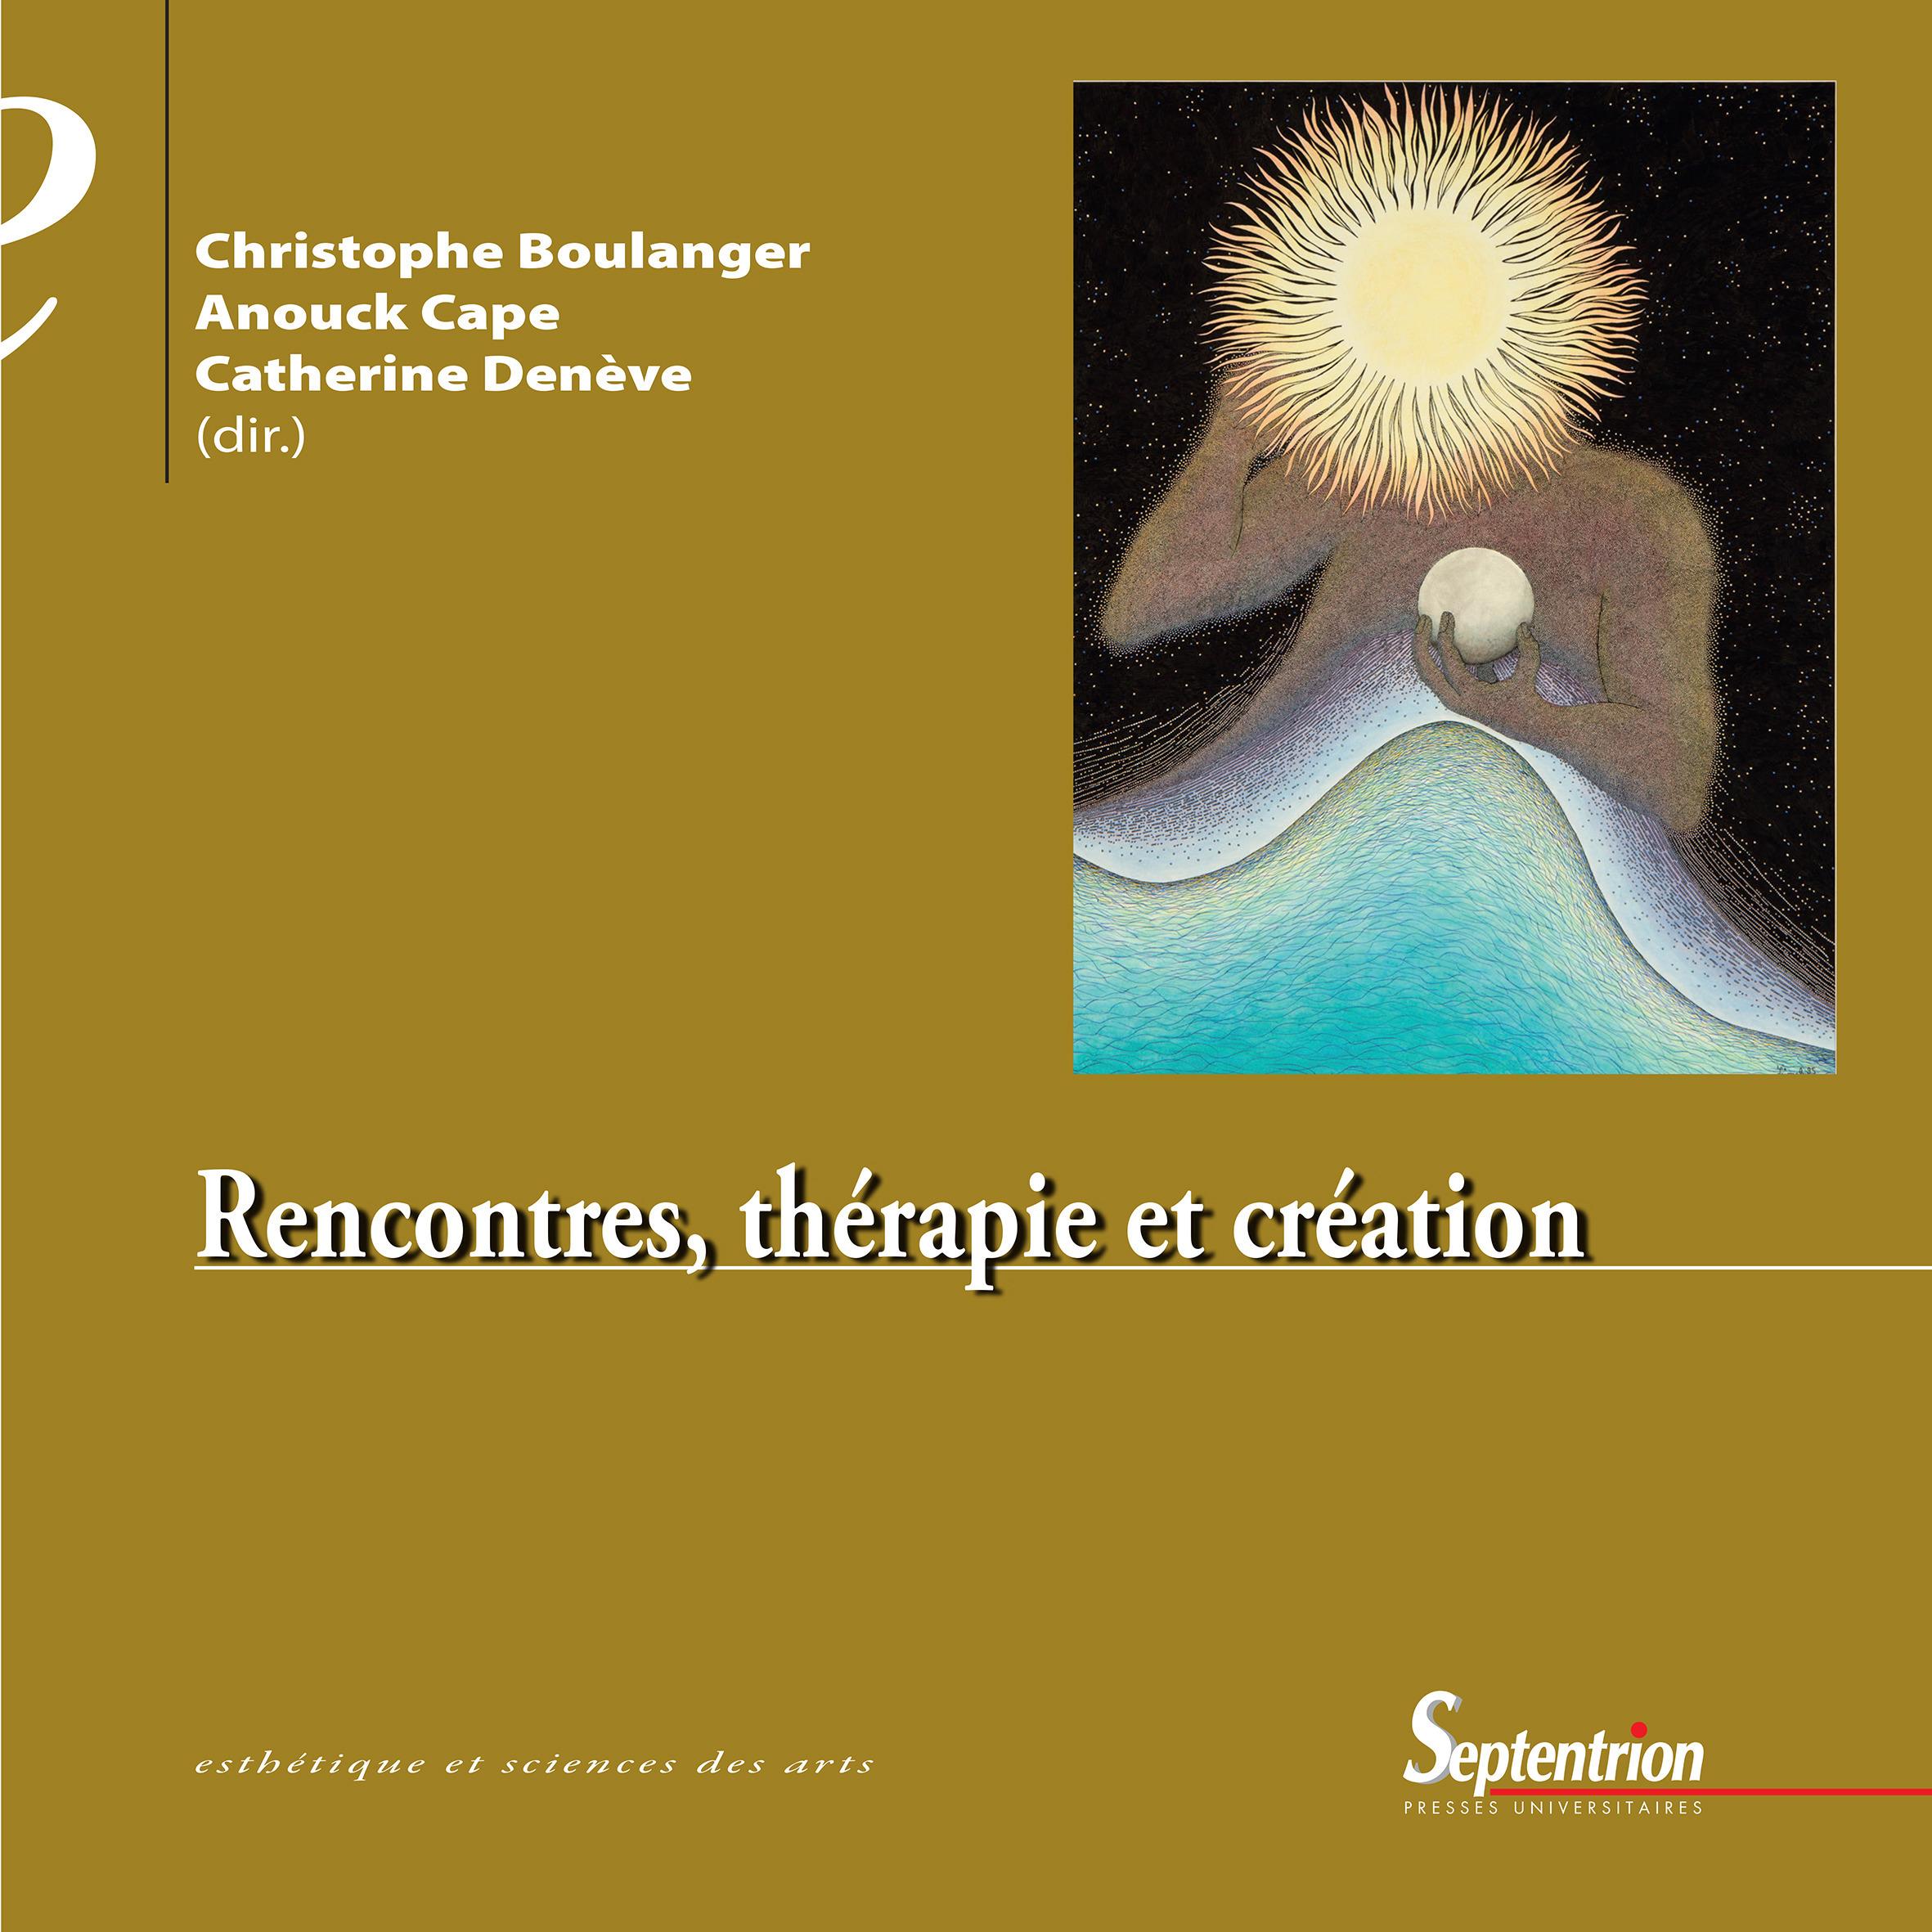 Rencontres, therapie et creation